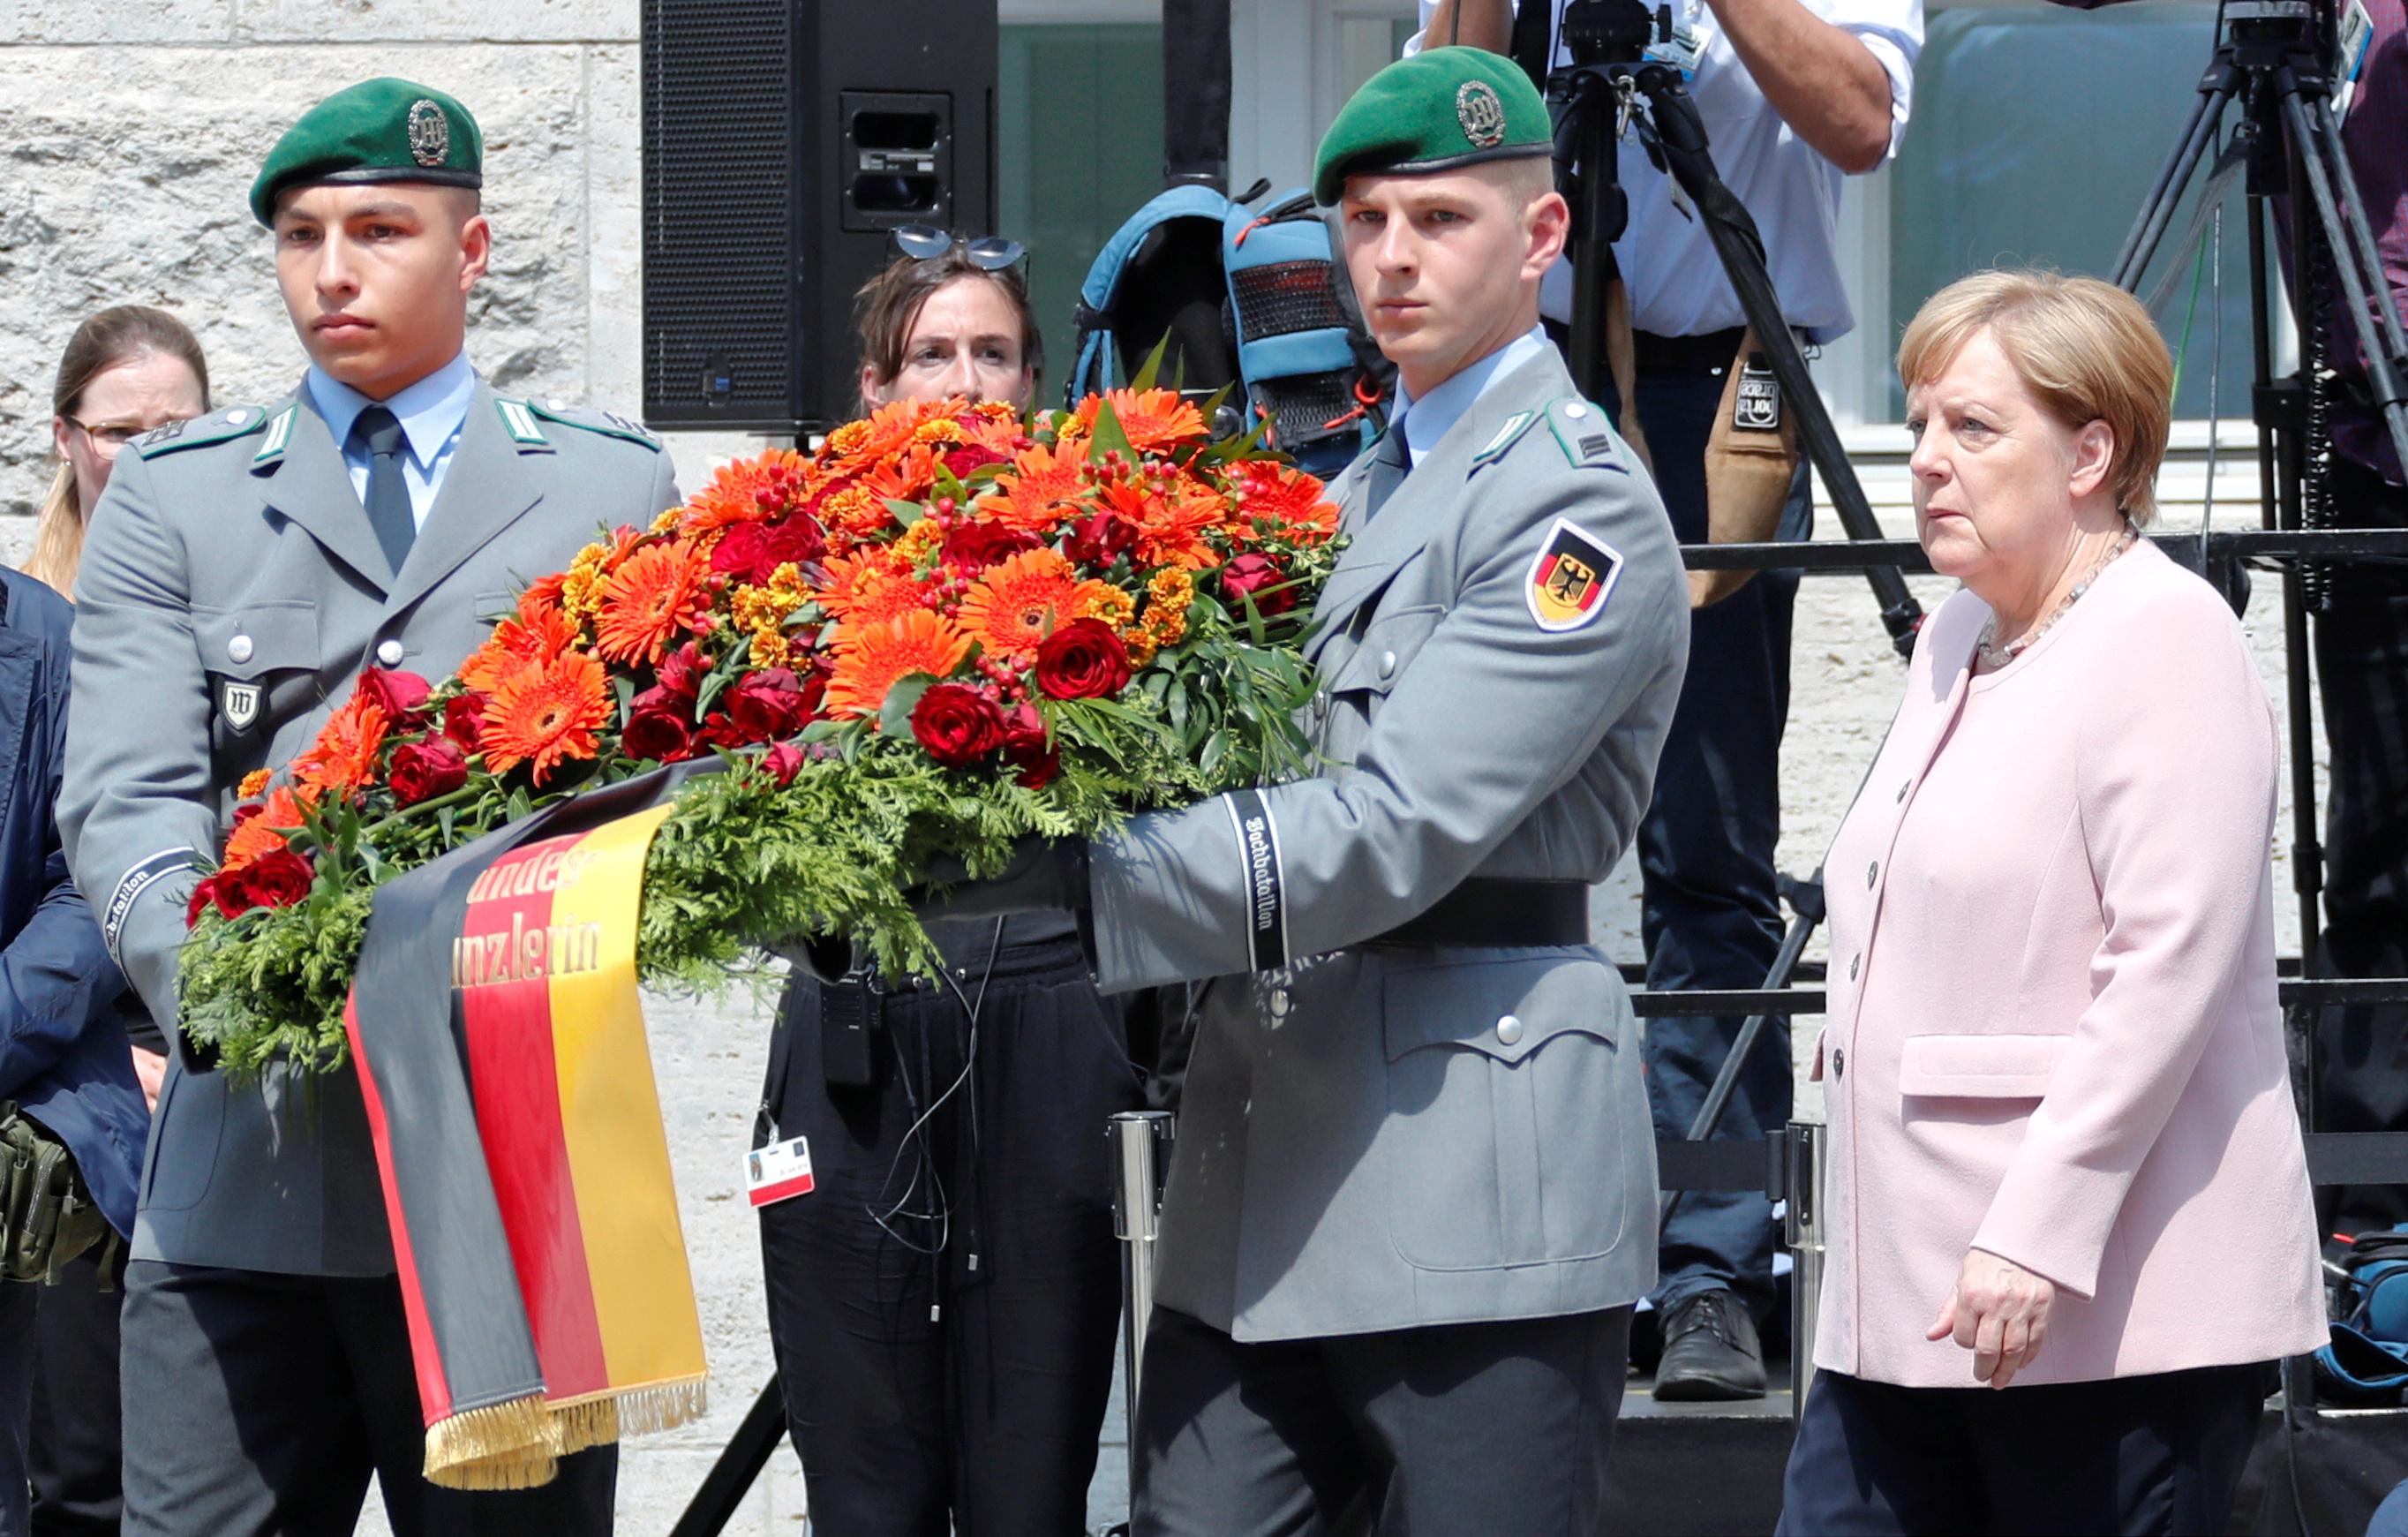 75 χρόνια από την απόπειρα δολοφονίας του Χίτλερ – Η Γερμανία τίμησε τους δράστες